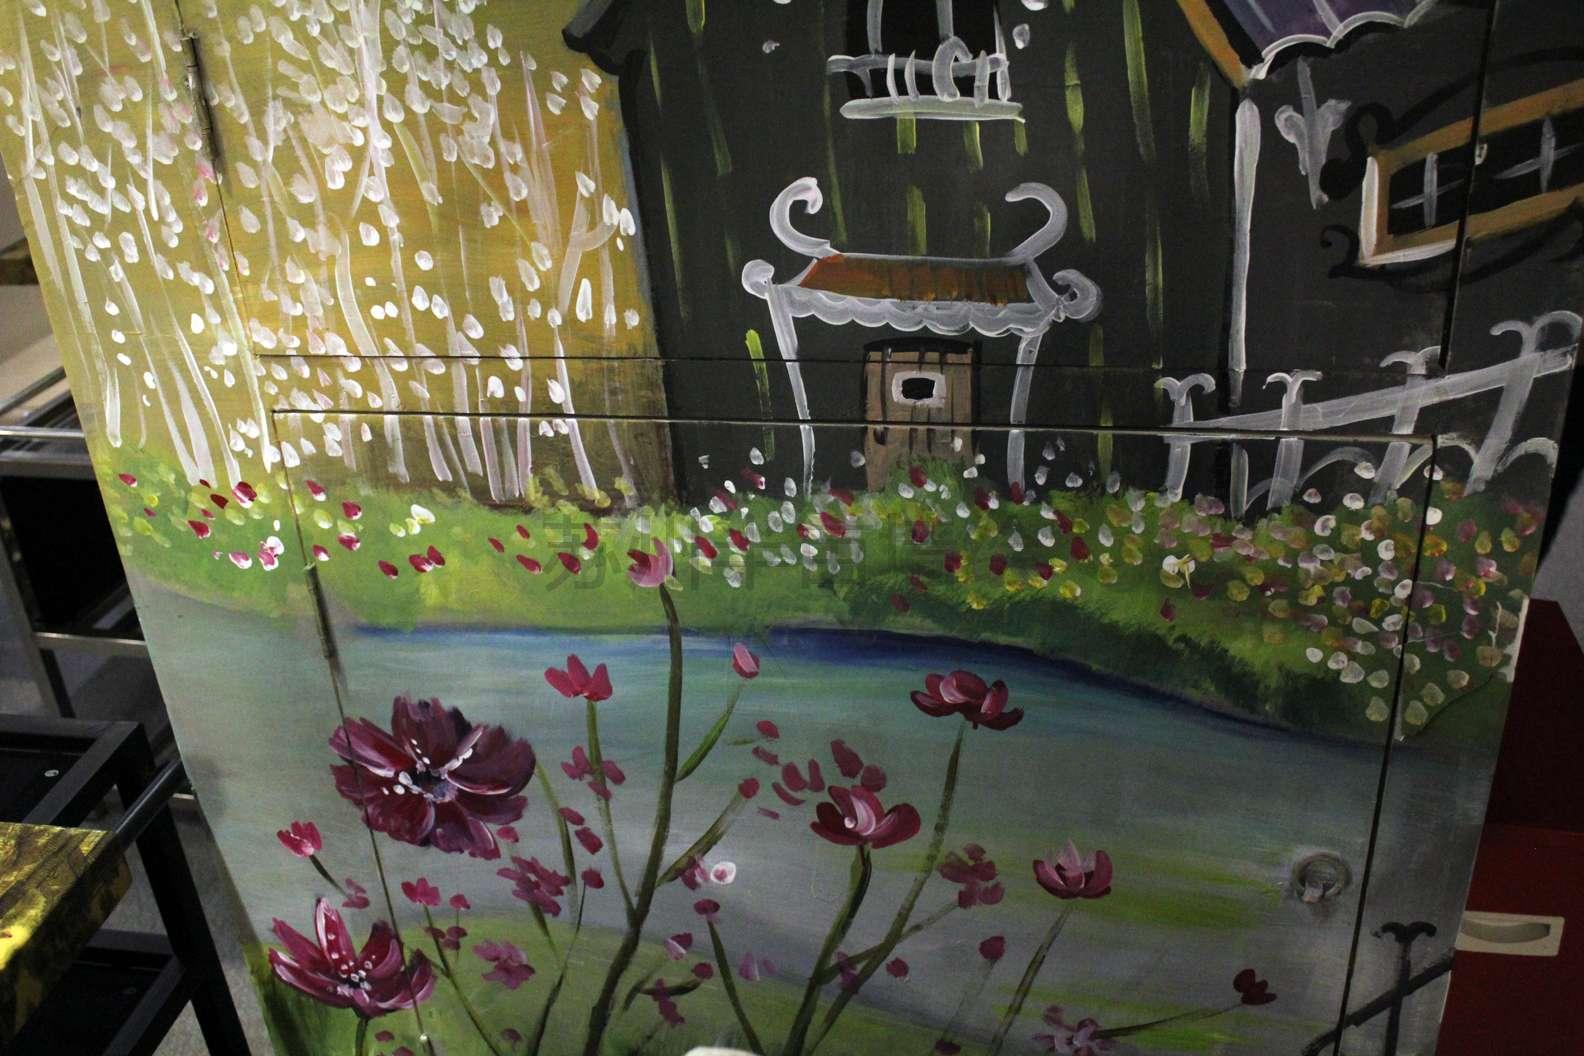 小清新手绘墙苏州半亩墙绘装饰画